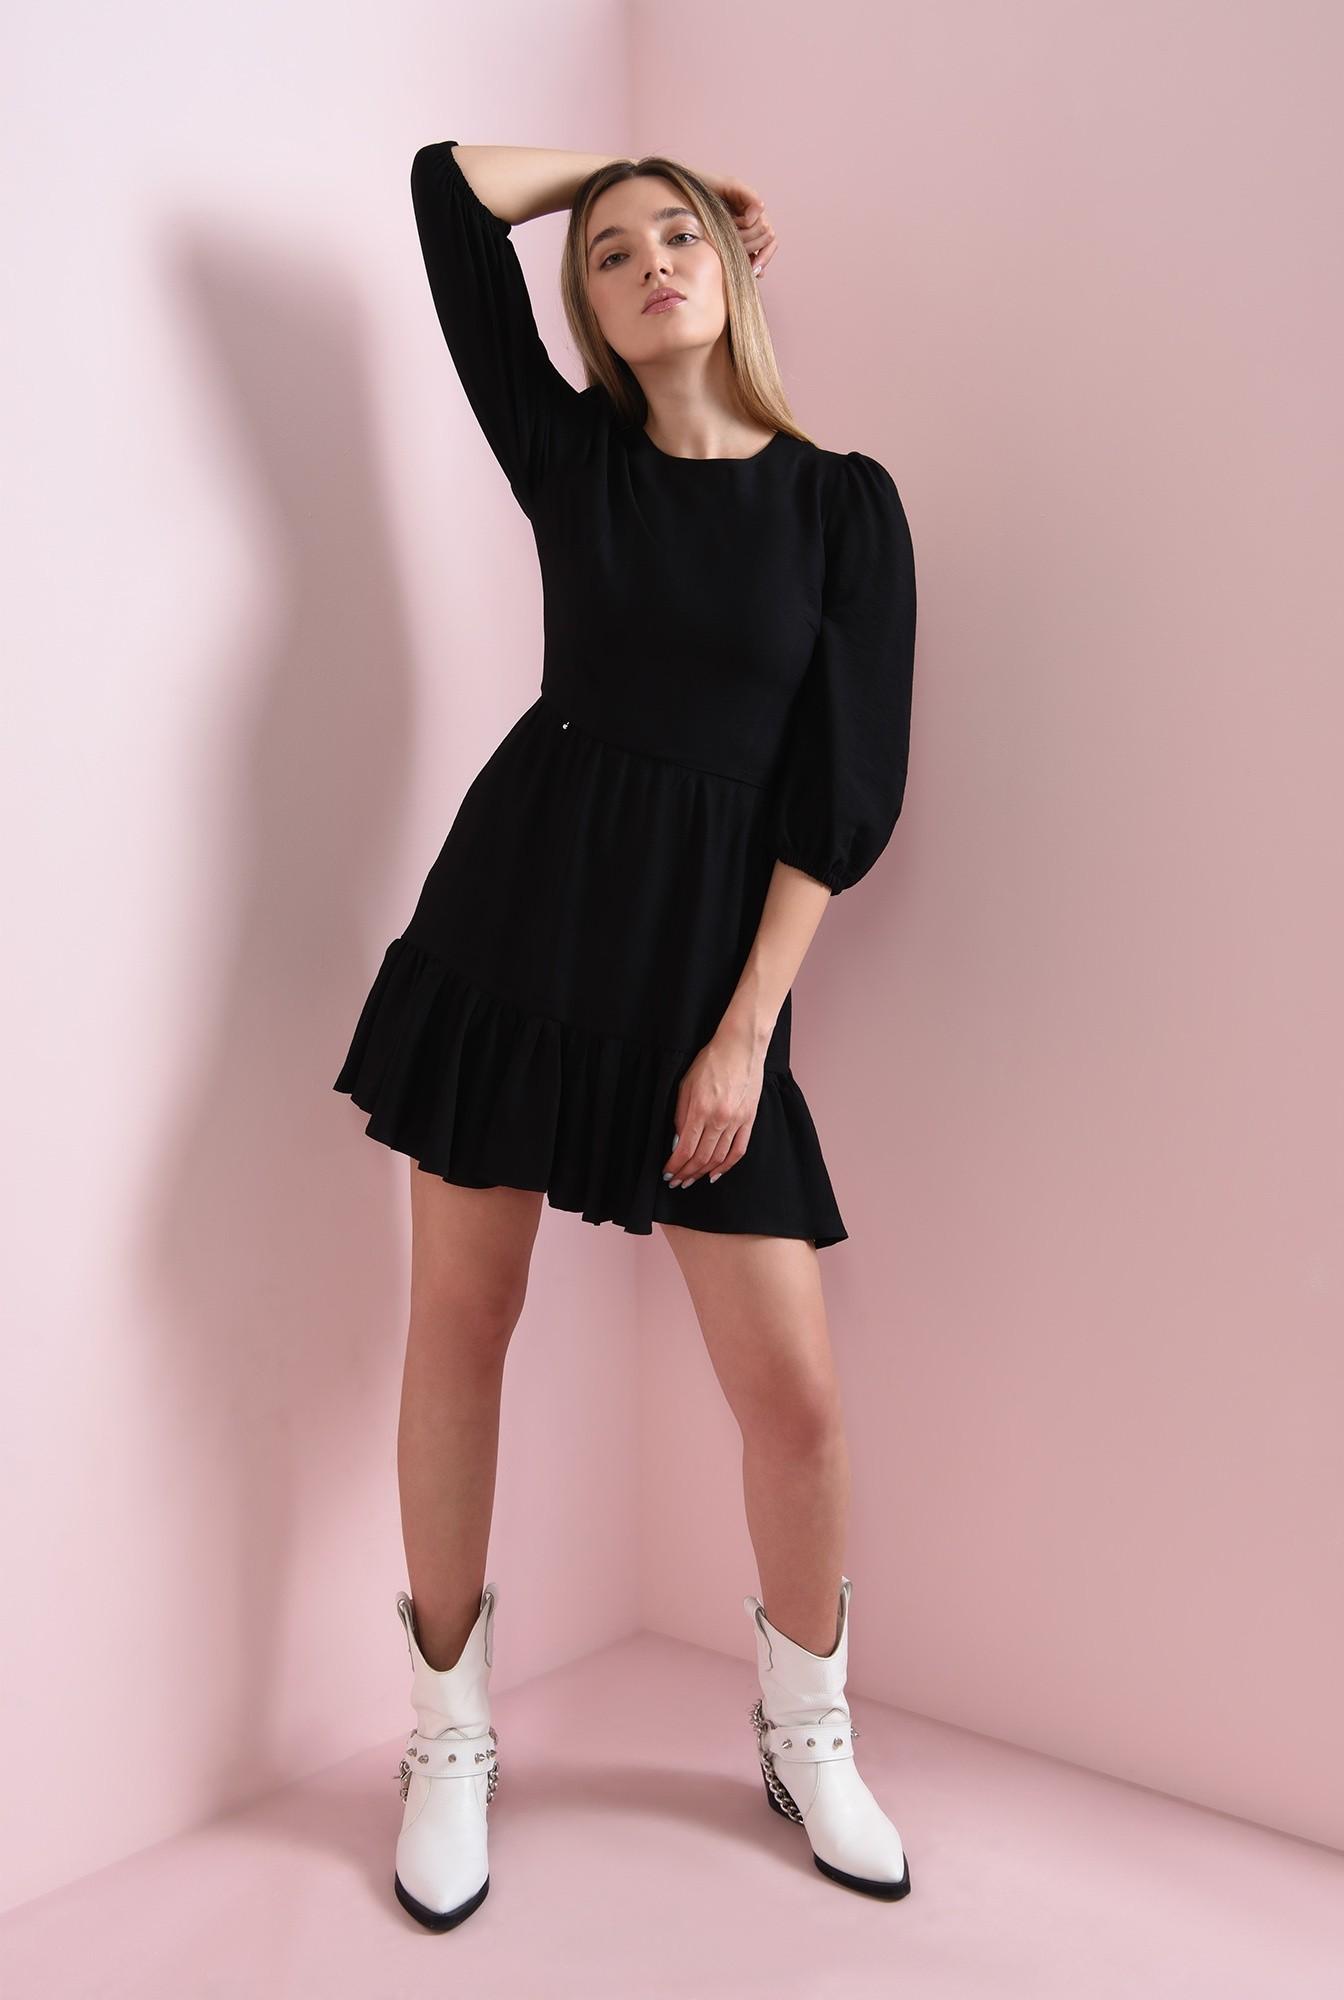 0 - rochie mini, neagra, cu maneca lunga